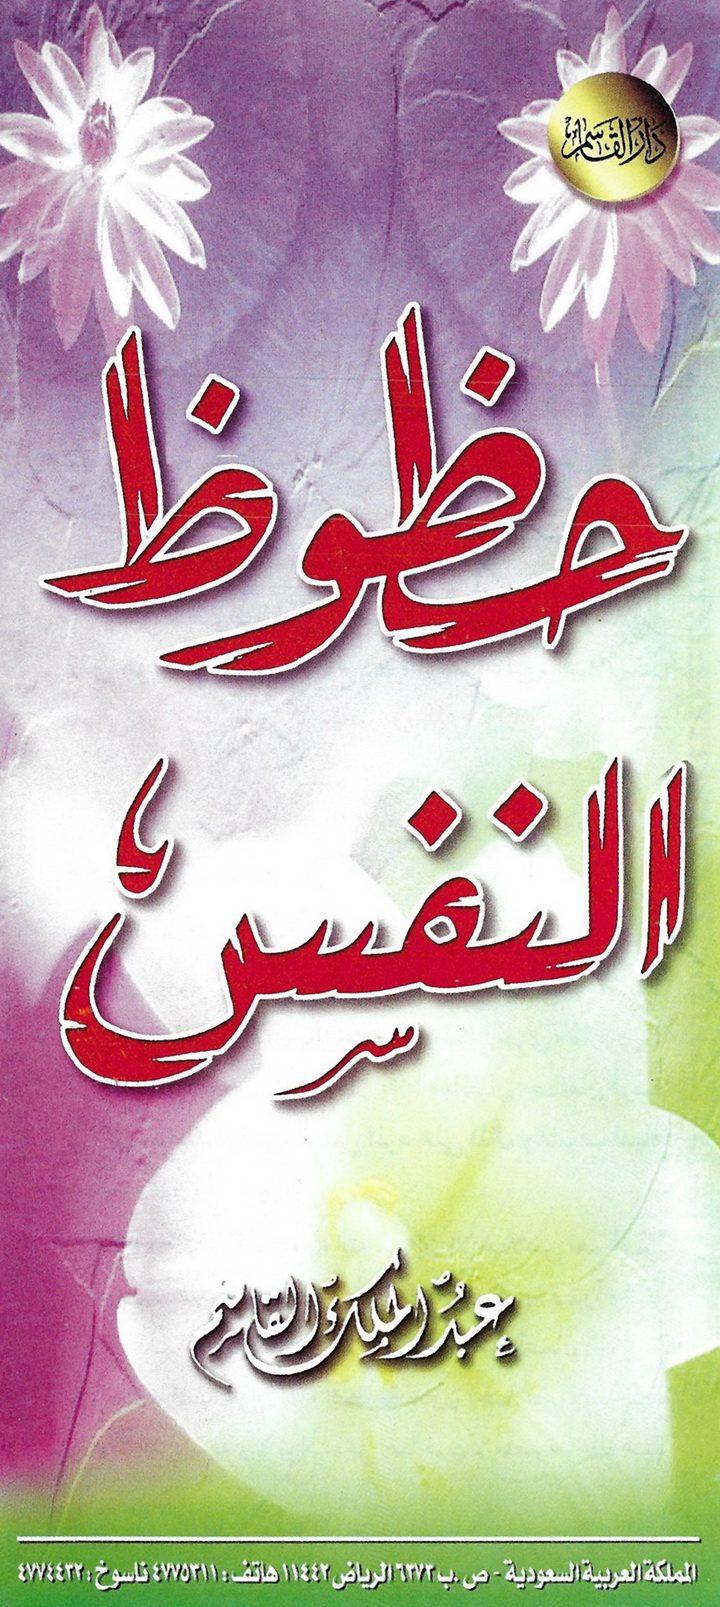 حظوظ النفس (عبد الملك القاسم – دار القاسم)